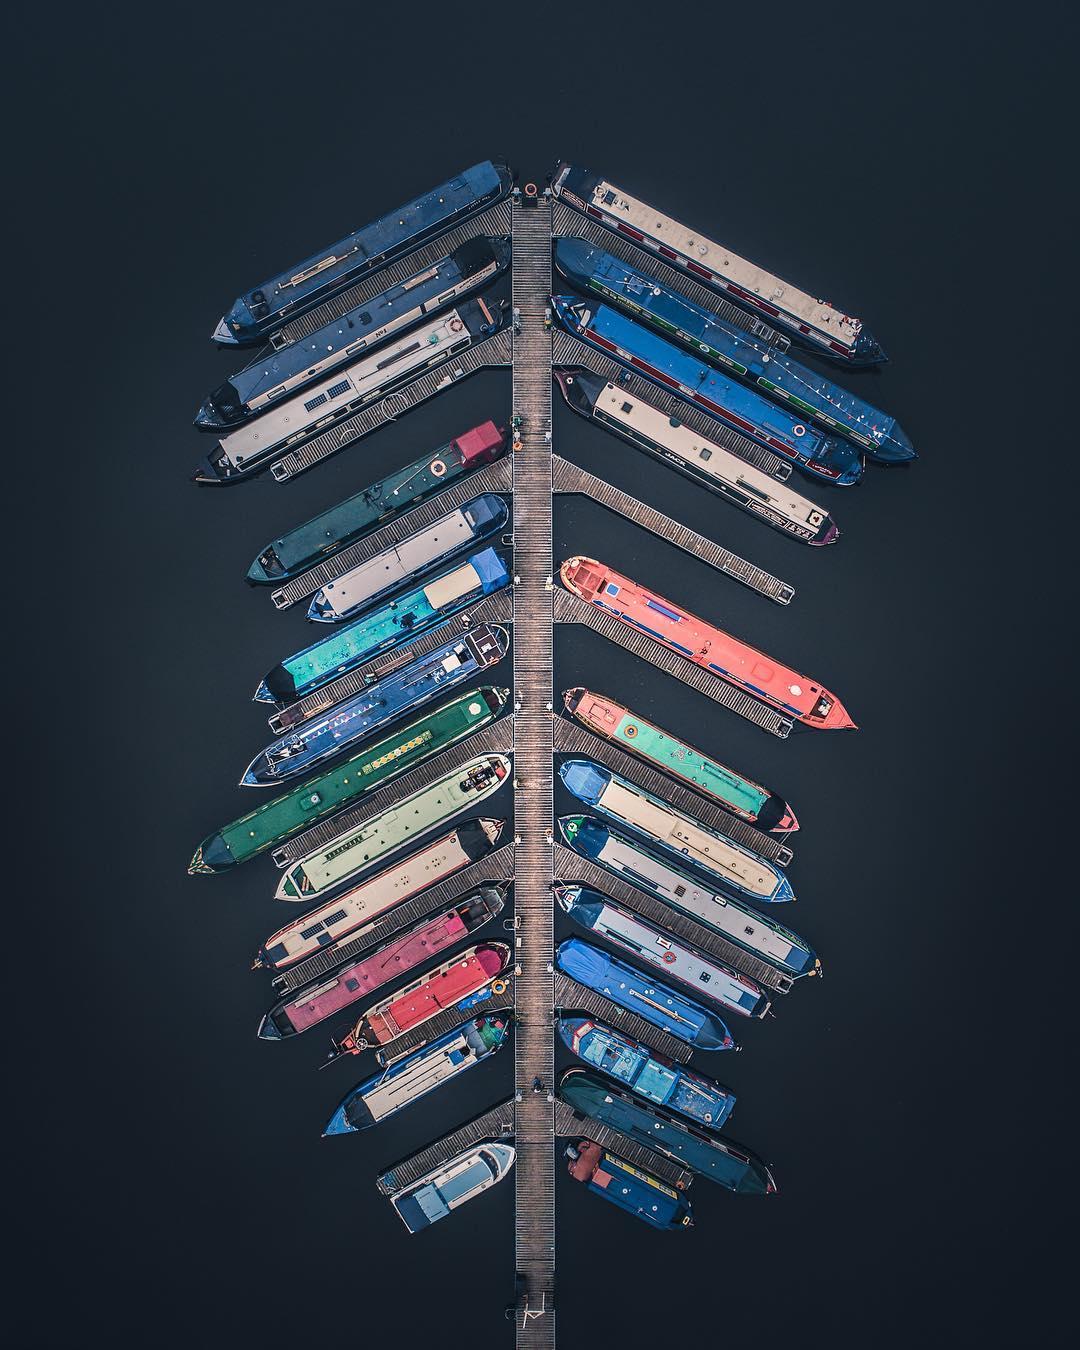 Абстрактное воздушное искусство от братьев-фотографов из Великобритании